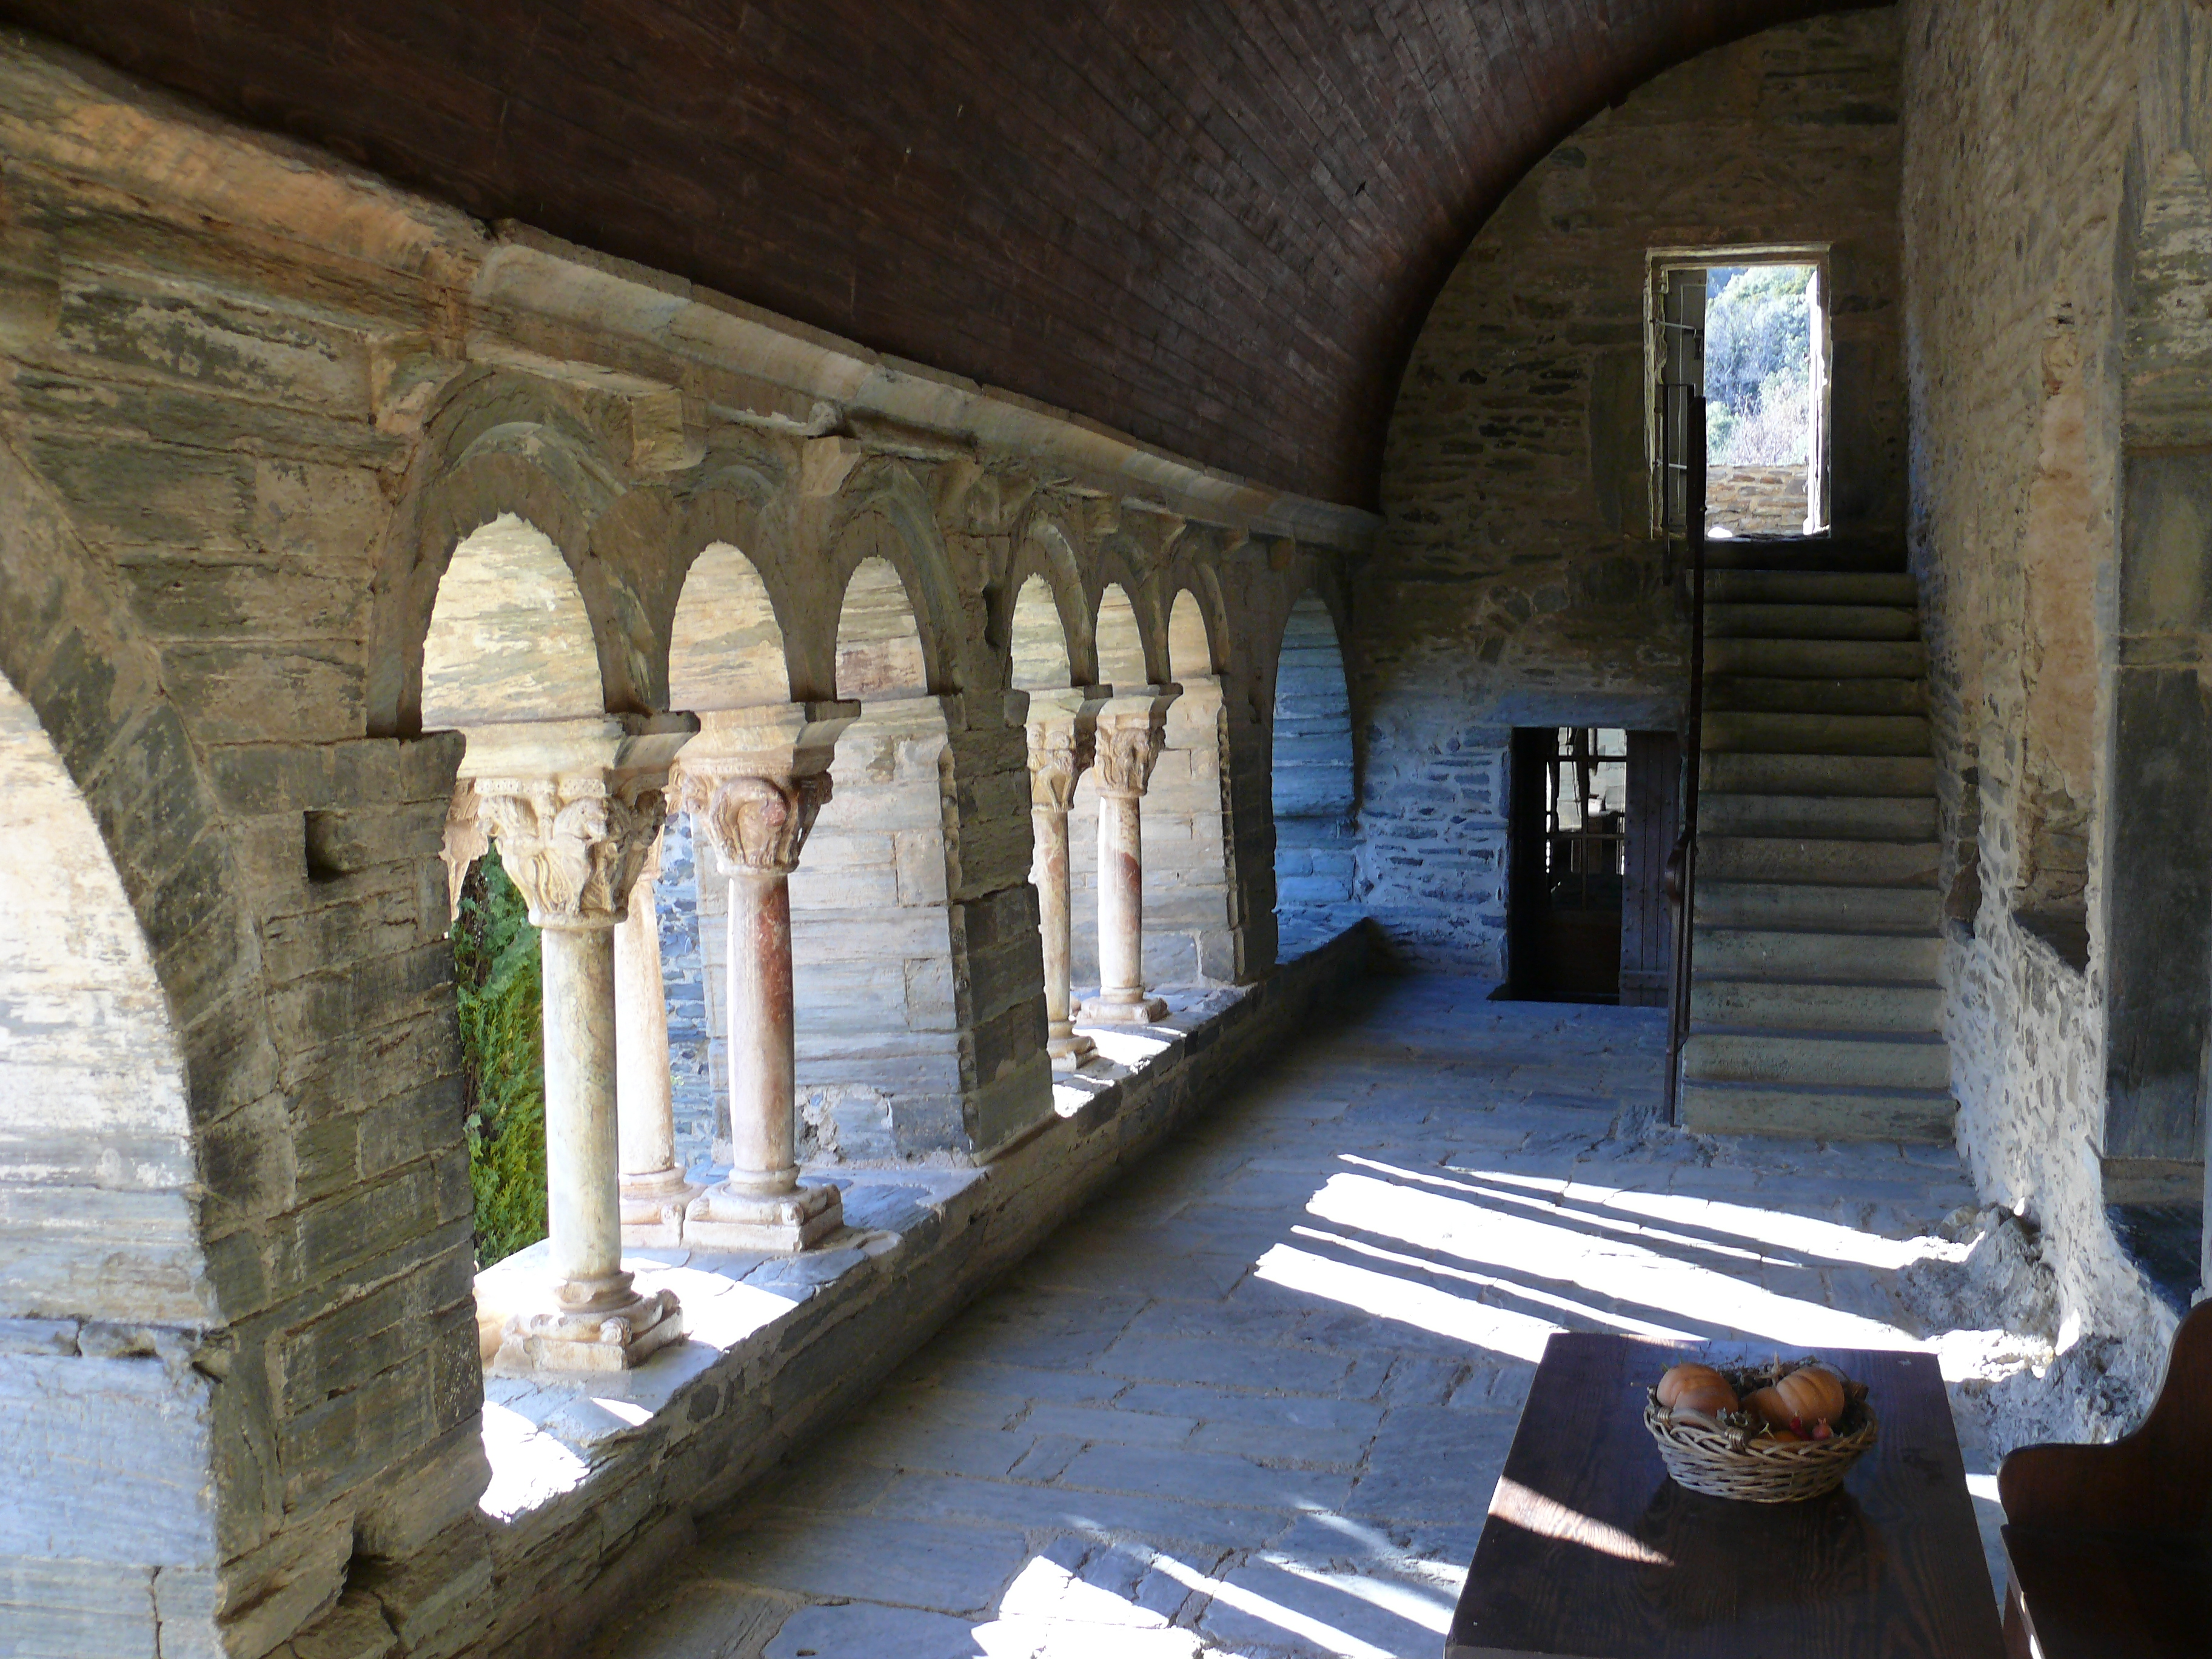 Grotte canalettes-prieuré serrabone - OnVaSortir! Perpignan